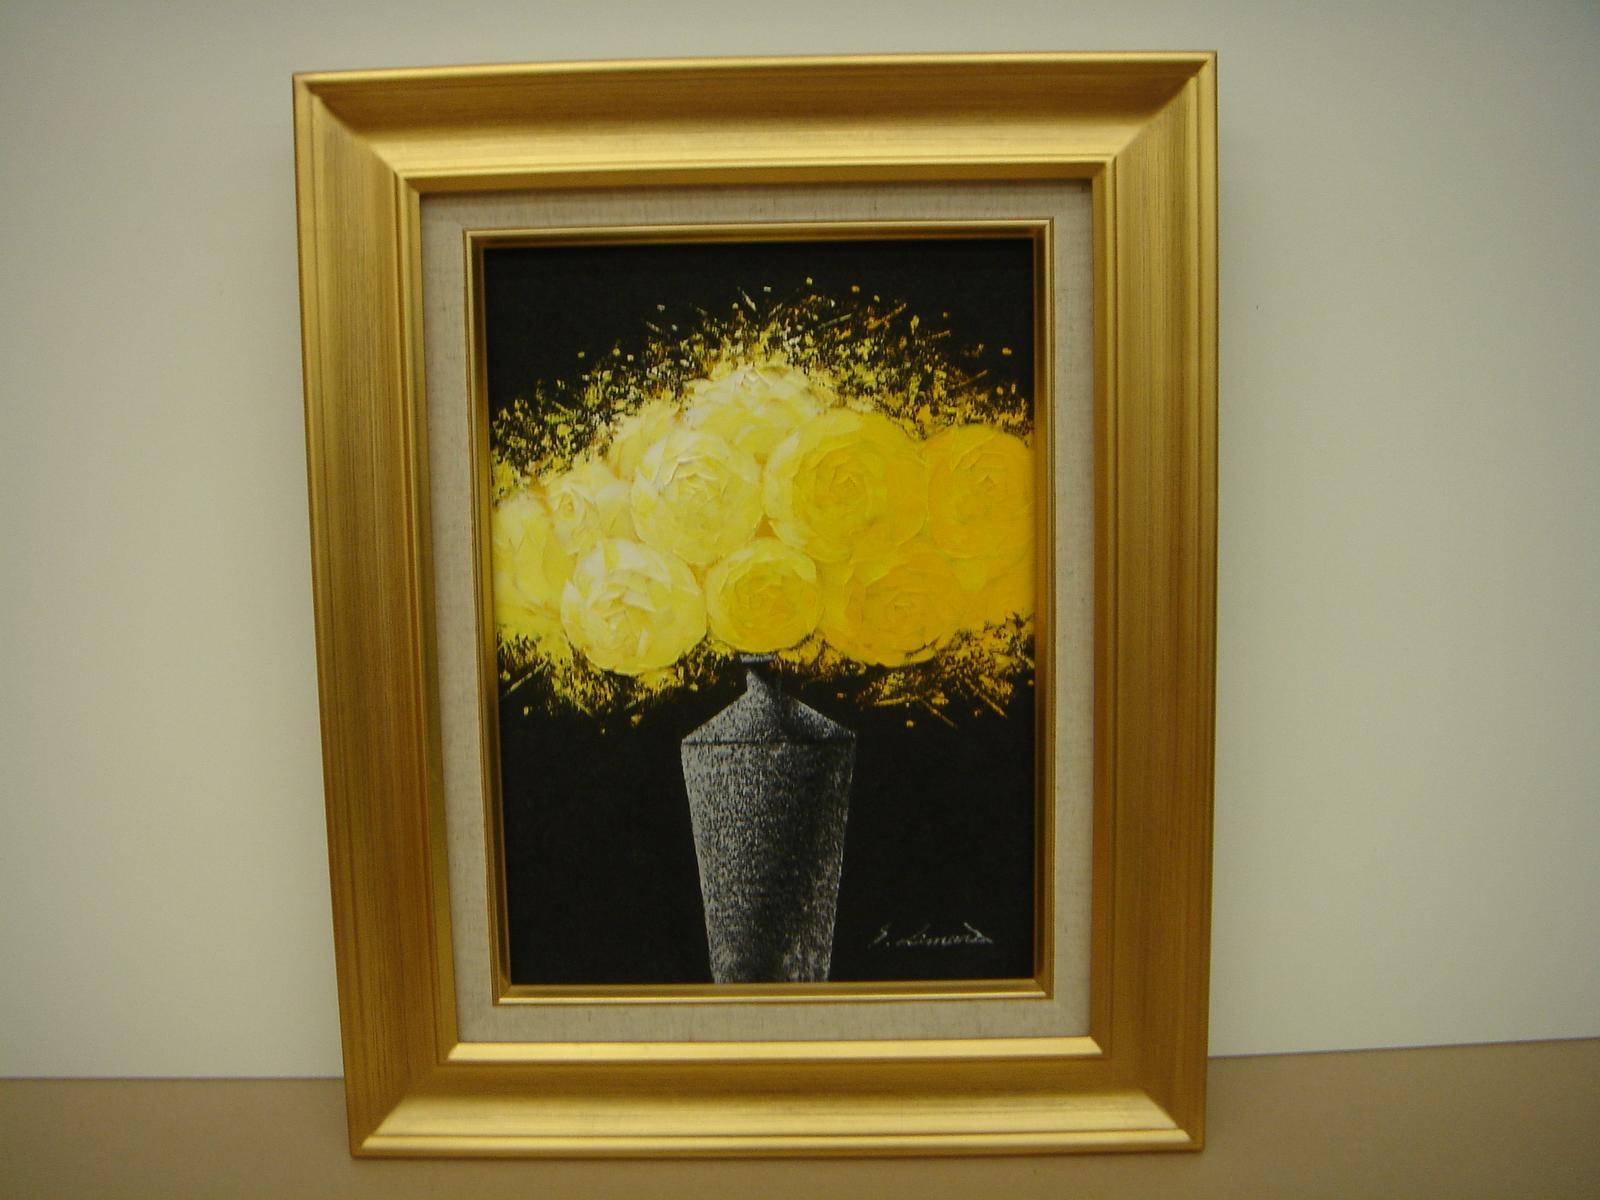 絵画 油絵 油絵額 花の絵 黄色いバラの絵 F4